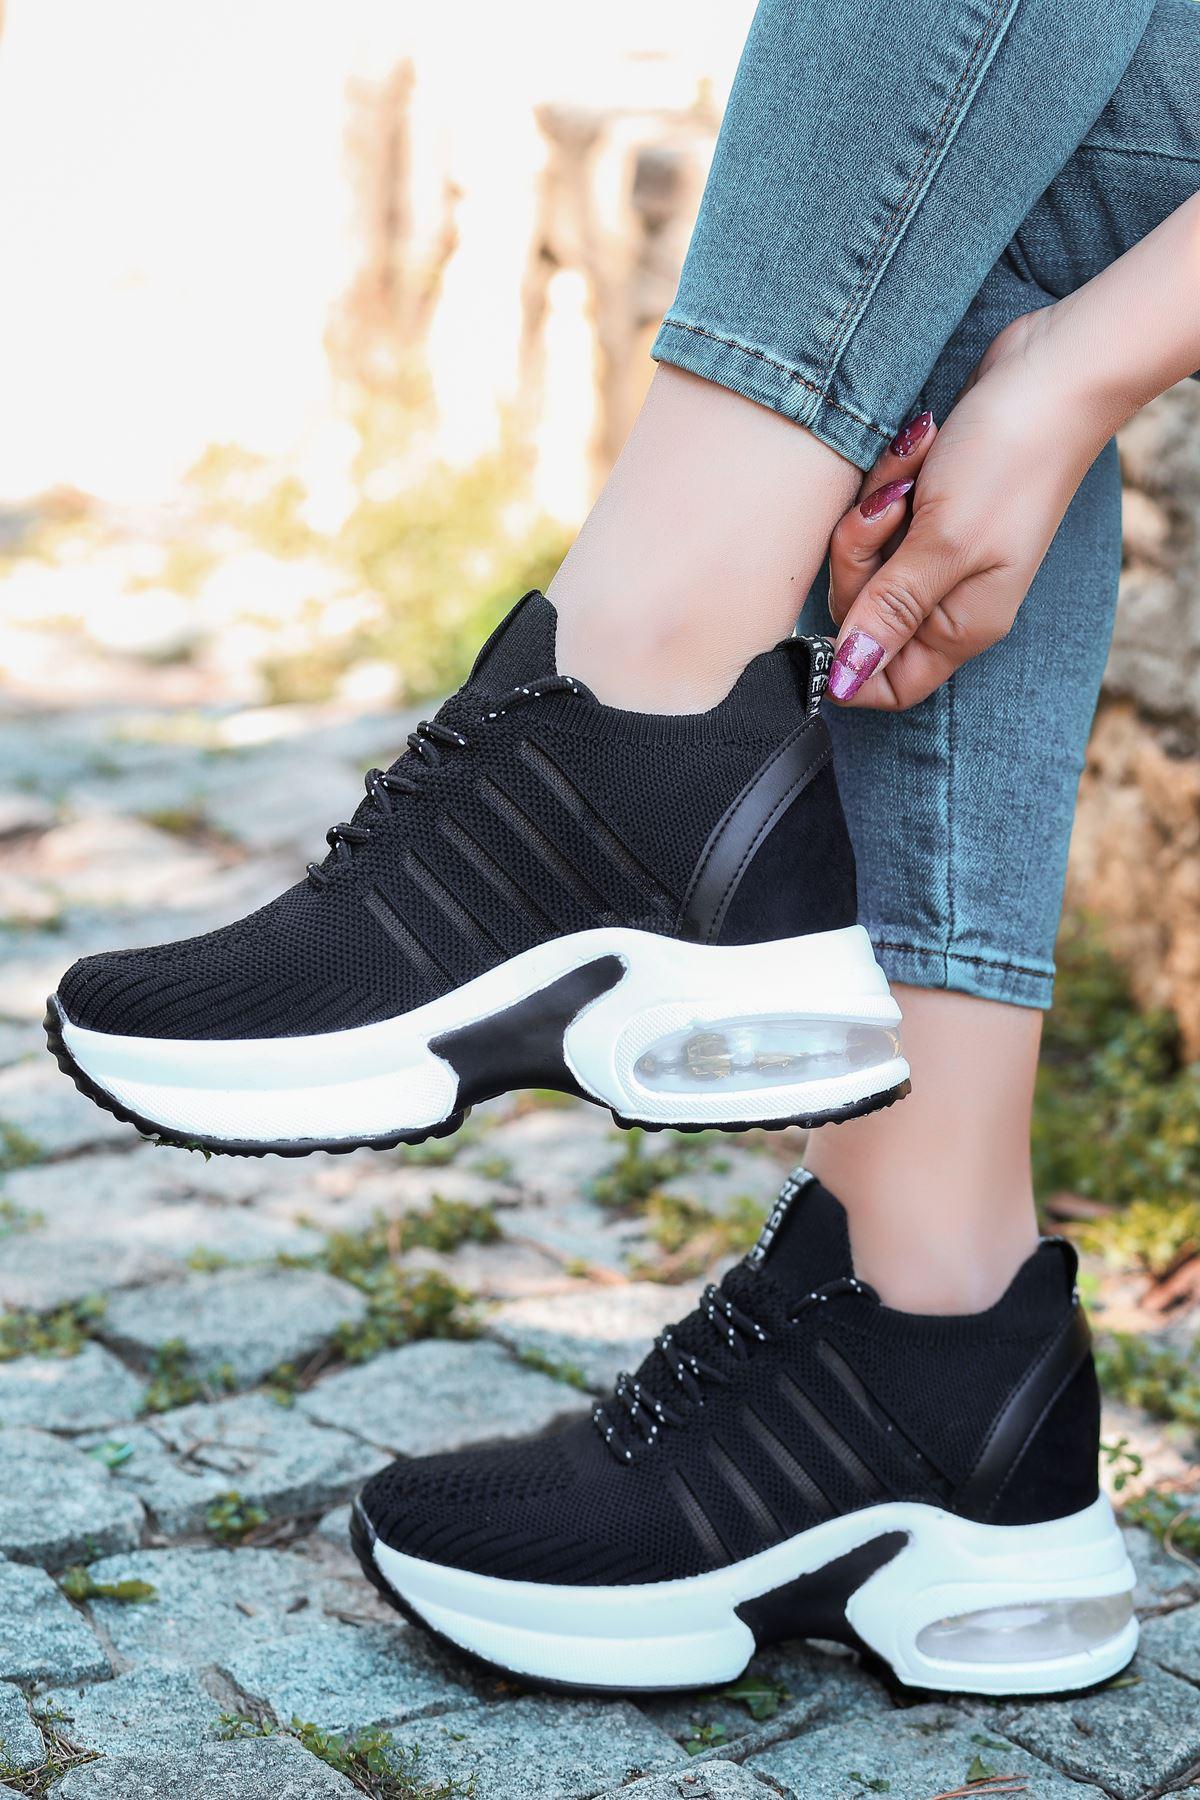 Loli Hava Tabanlı Triko File Detay Siyah Kadın Spor Ayakkabı